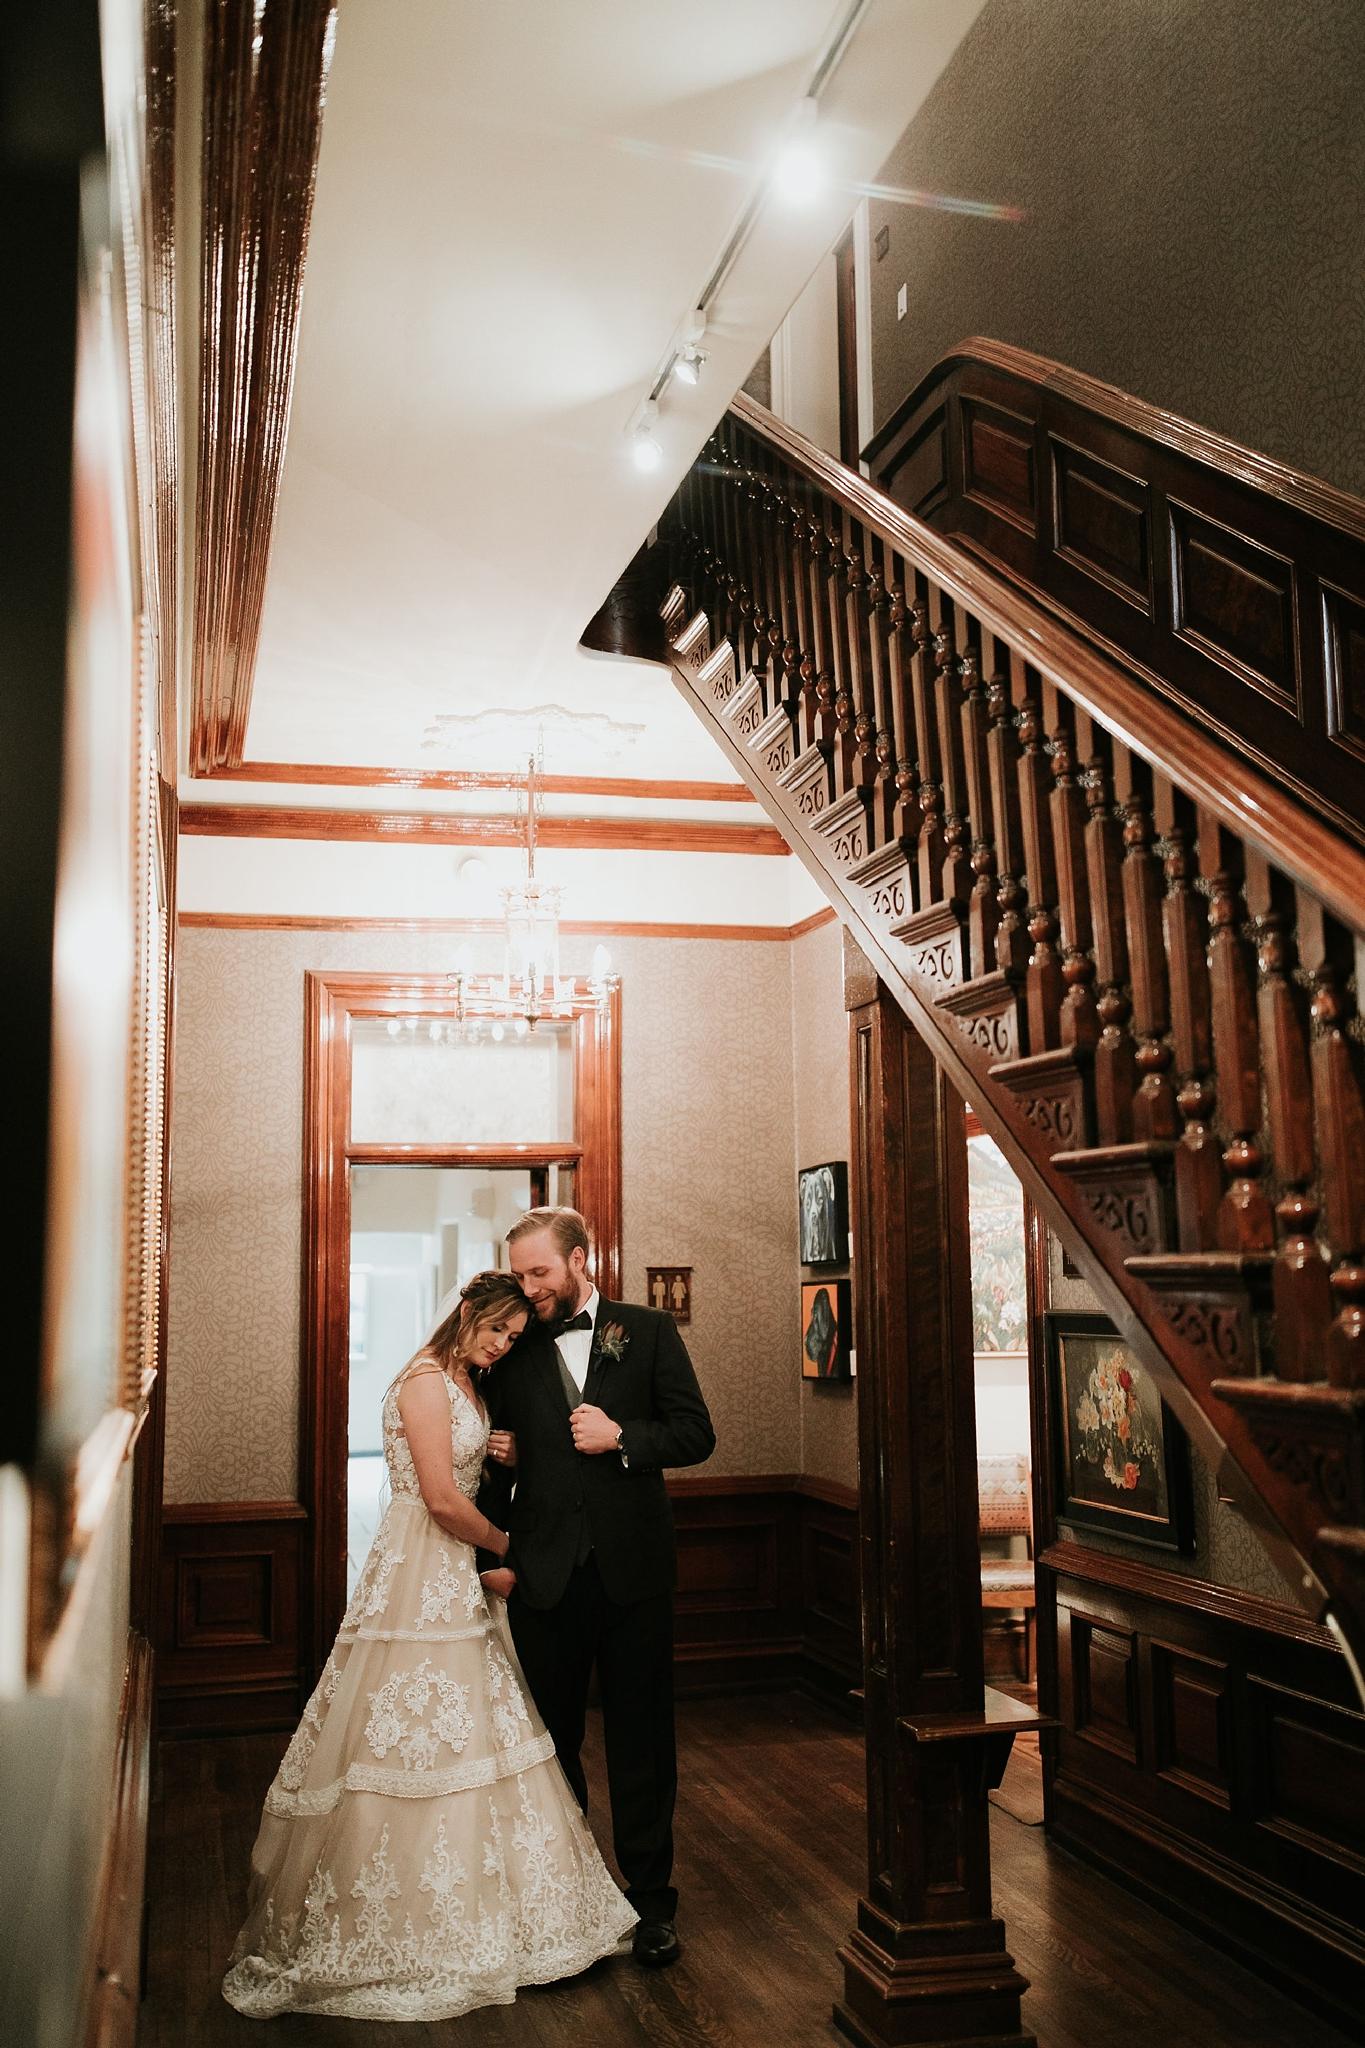 Alicia+lucia+photography+-+albuquerque+wedding+photographer+-+santa+fe+wedding+photography+-+new+mexico+wedding+photographer+-+new+mexico+wedding+-+wedding+photographer+-+wedding+photographer+team_0243.jpg